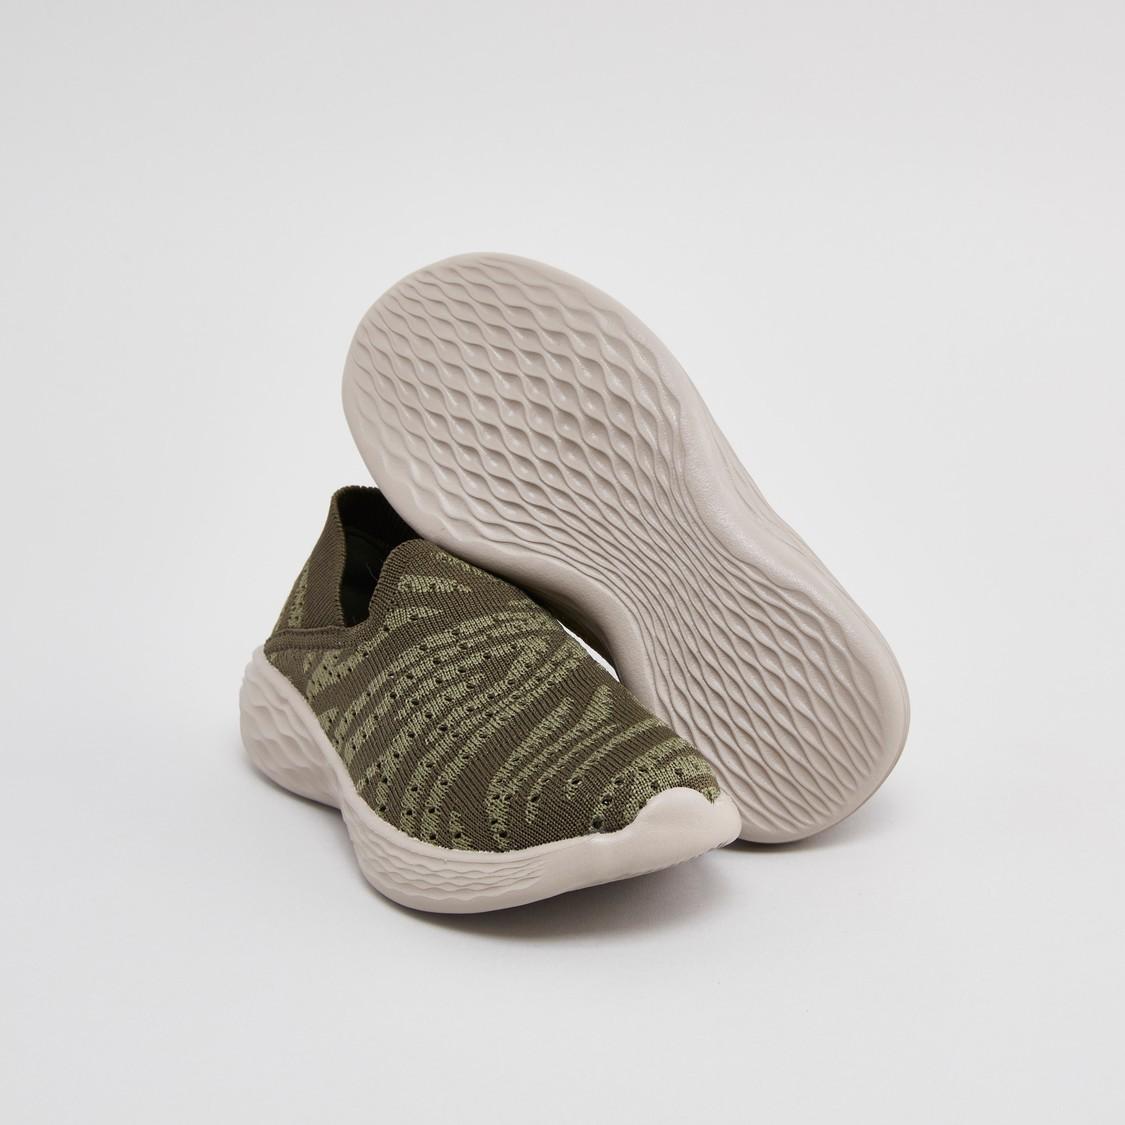 حذاء رياضي سهل الارتداء بتصميم بارز الملمس